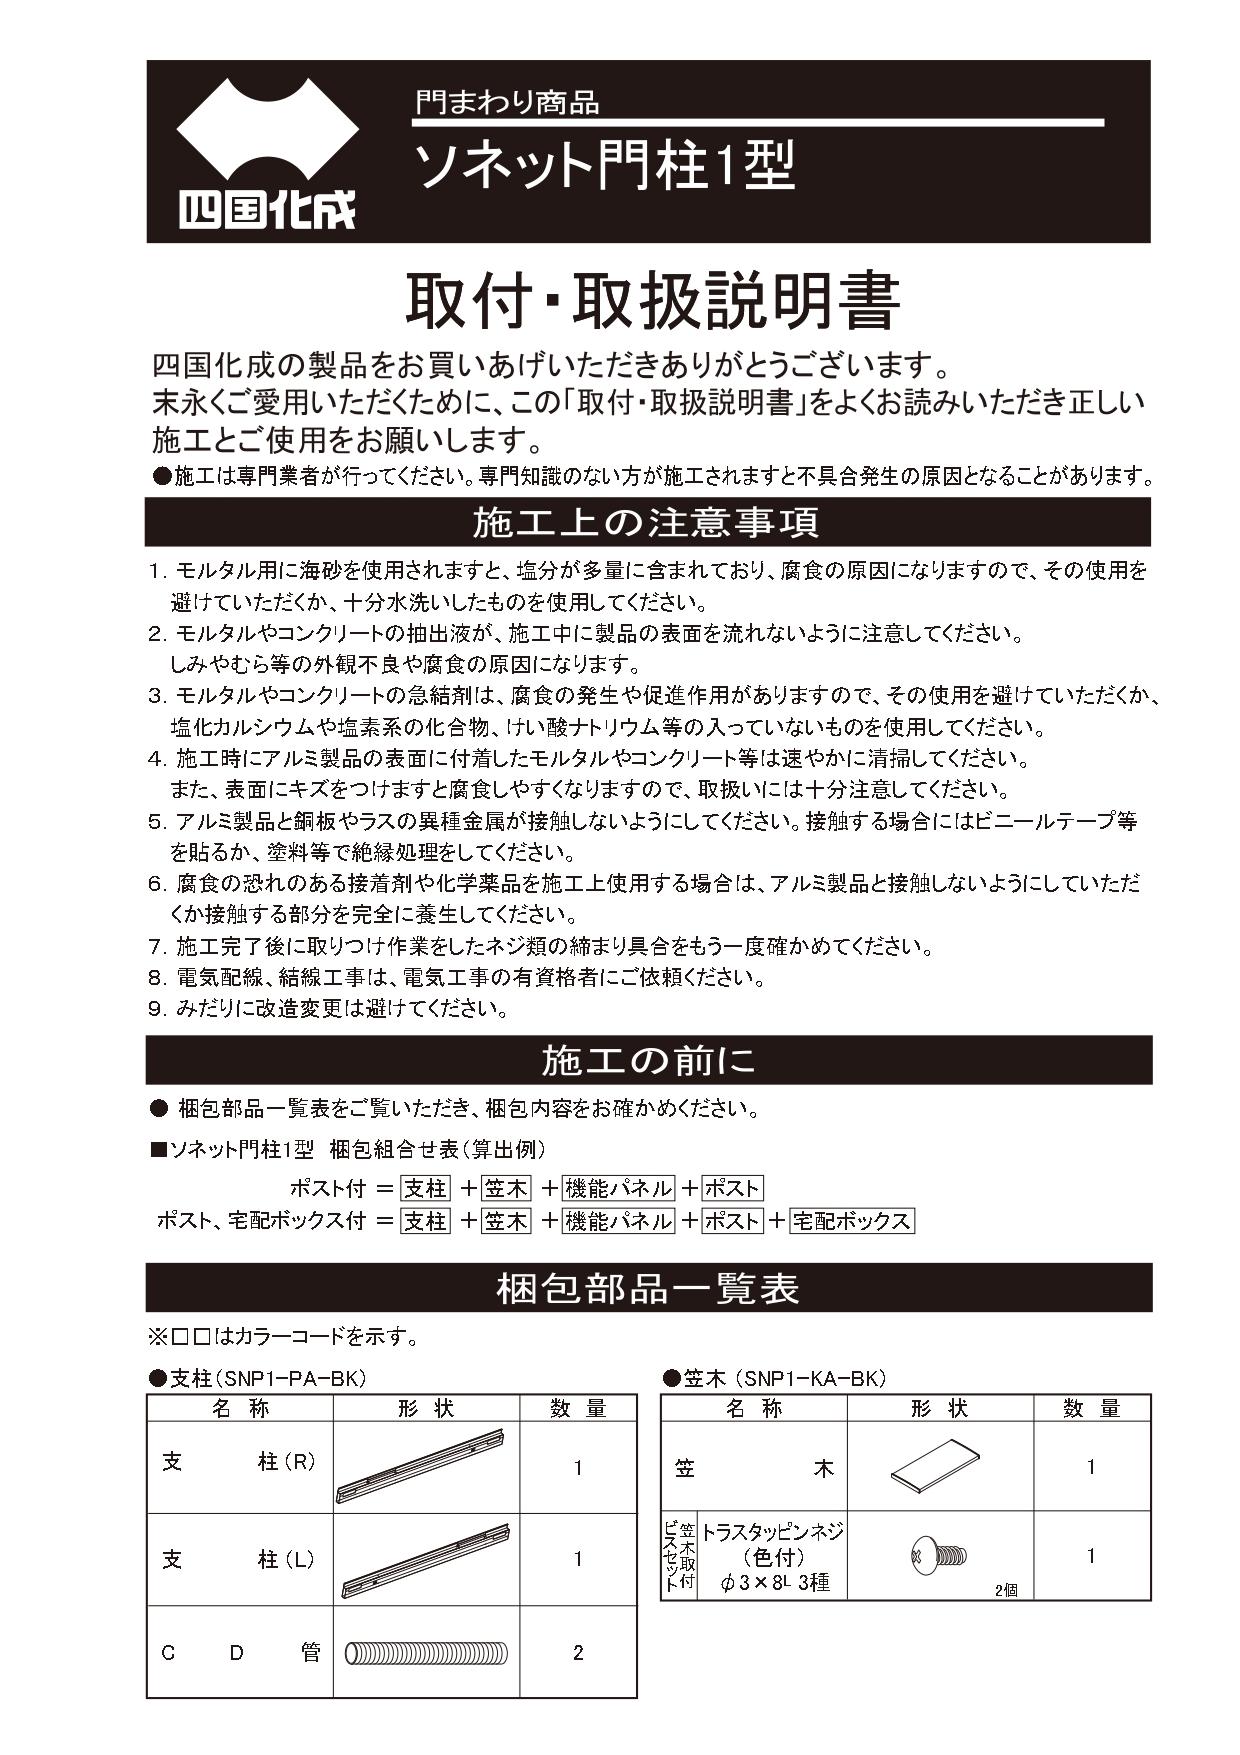 ソネット門柱1型 施工説明書_page-0001